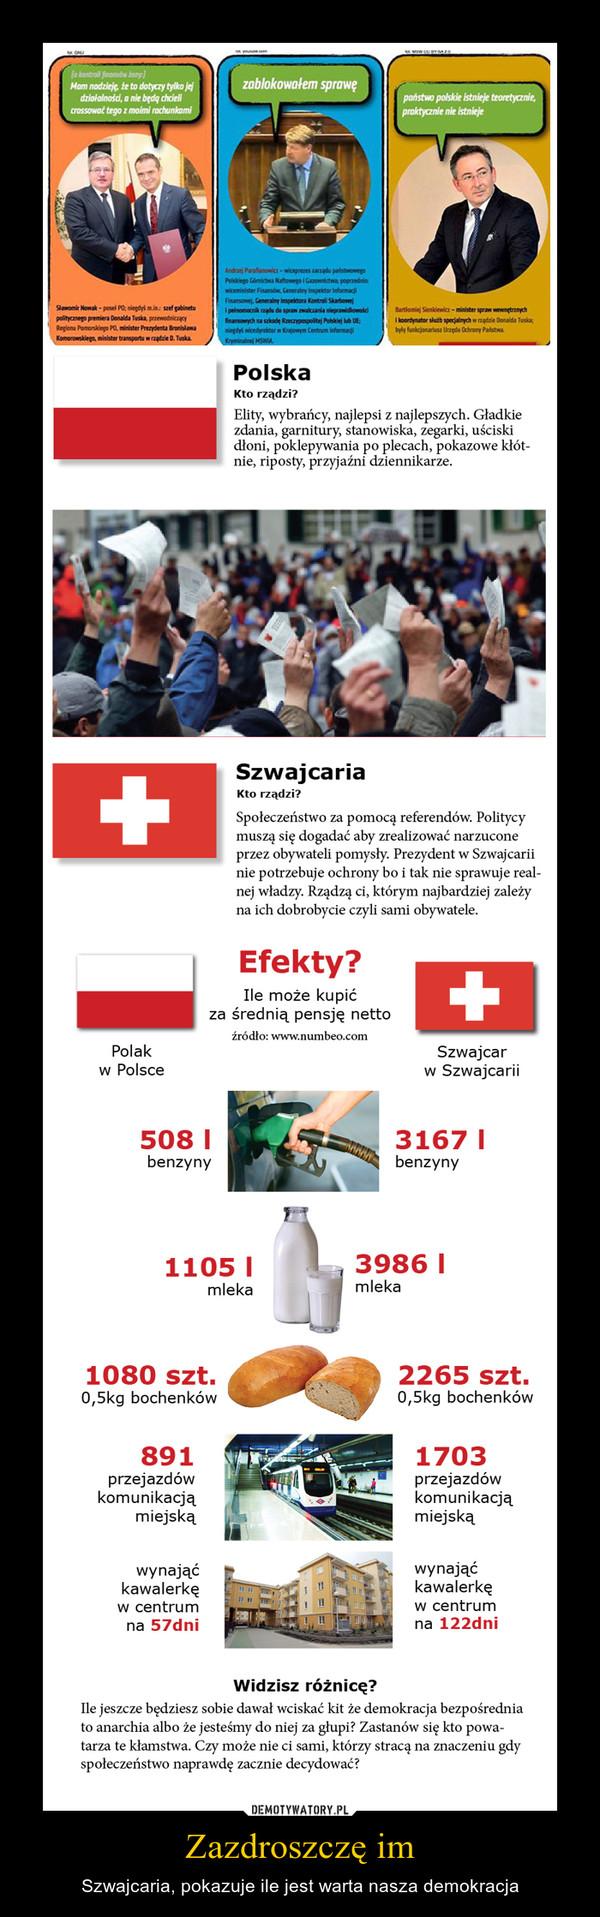 Zazdroszczę im – Szwajcaria, pokazuje ile jest warta nasza demokracja